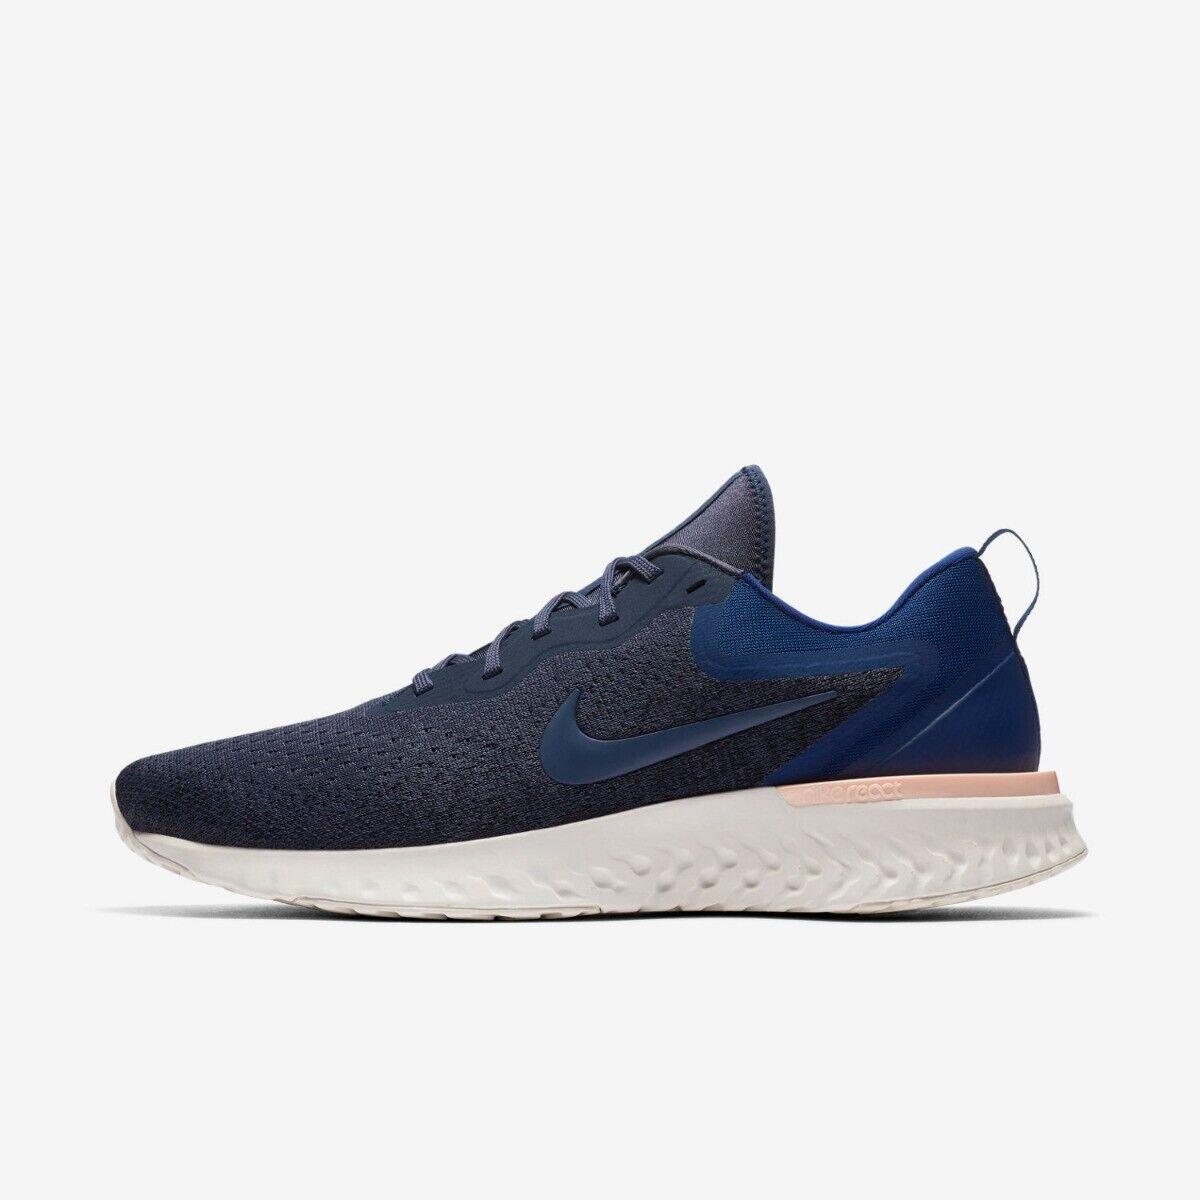 Nike Odyssey Reagieren Herren Laufschuhe Turnschuhe Größe 10 11 12 Donner Blau Reiches Design